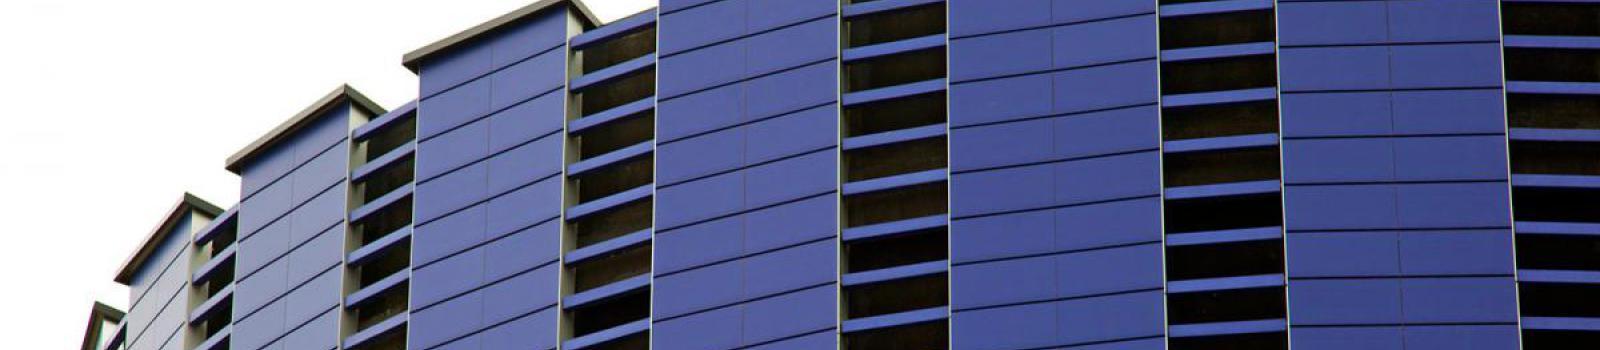 baguettes fachadas